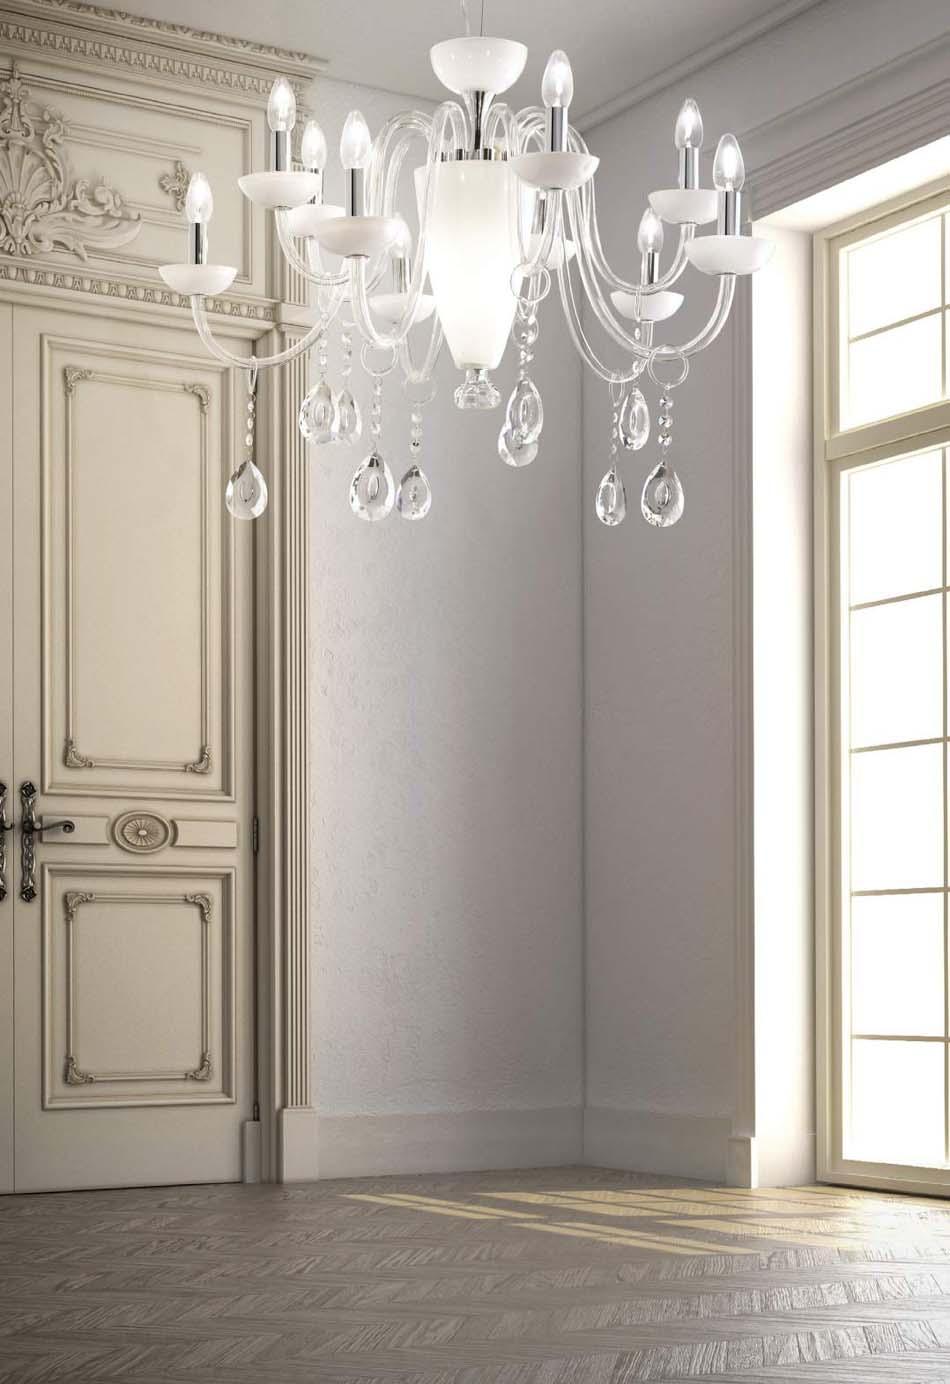 Lampade 36 sospensione Ideal Lux Camelia – Bruni Arredamenti